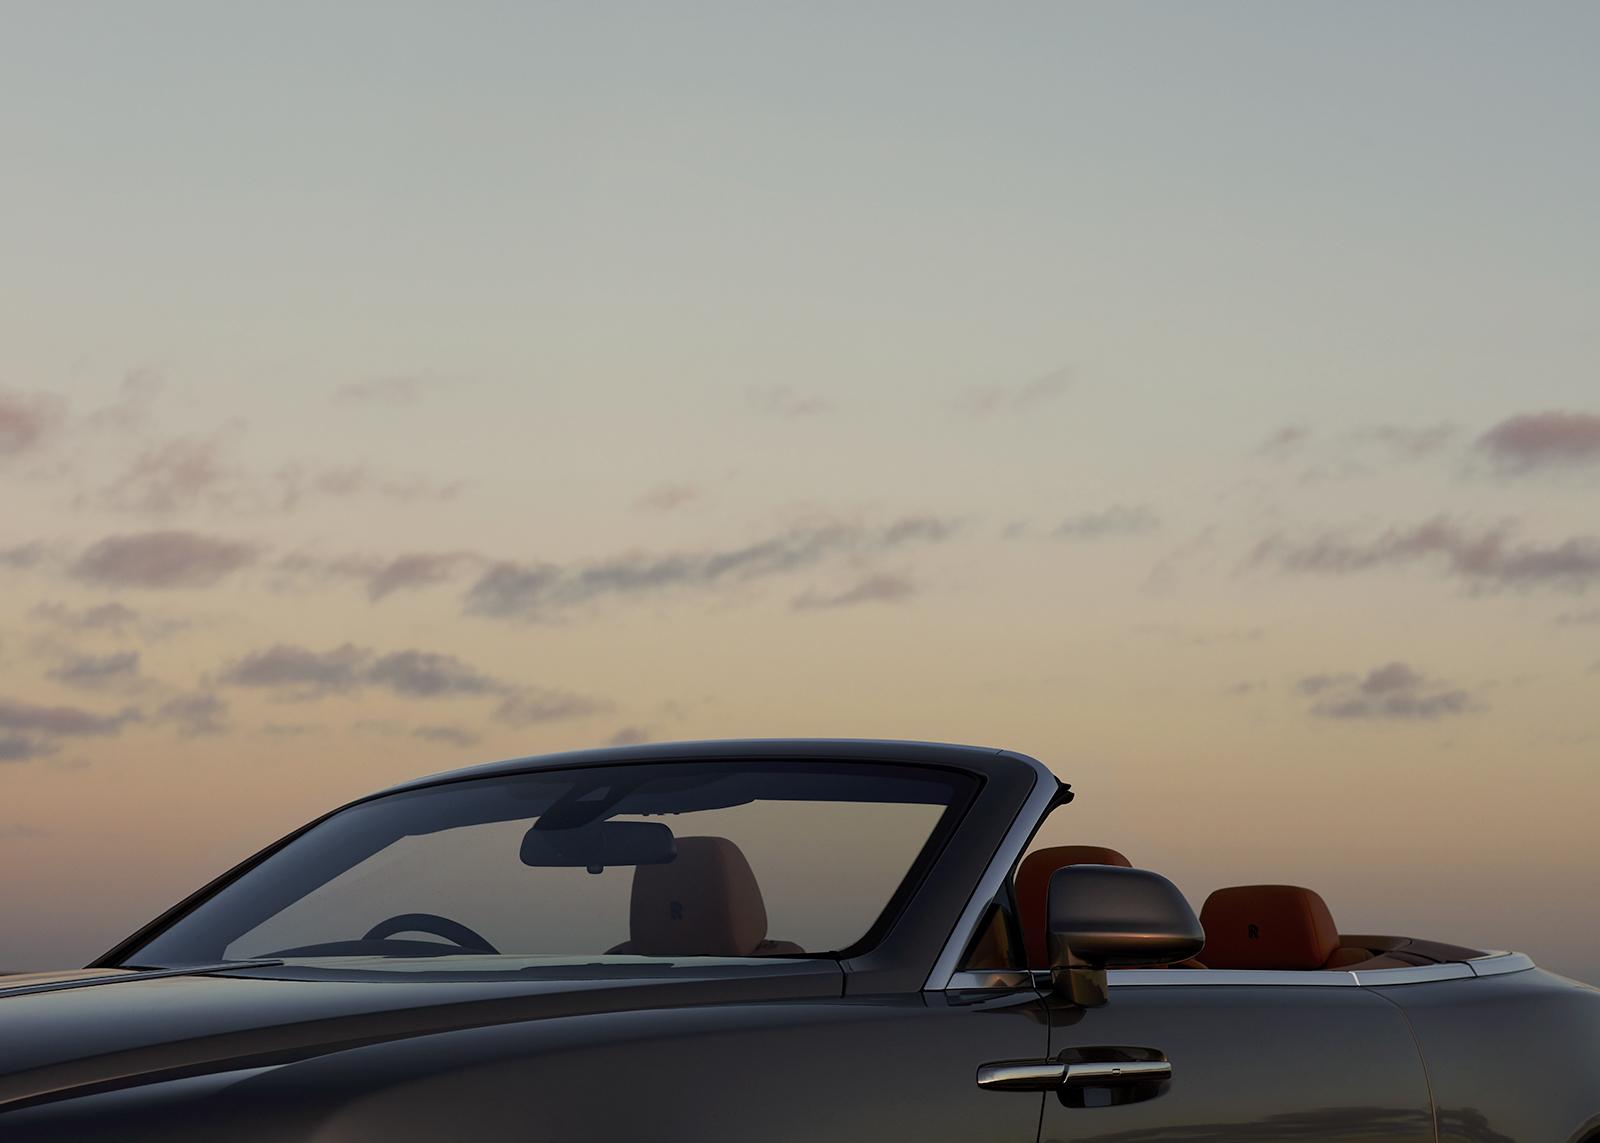 Rolls_Royce_141217_0414.jpg